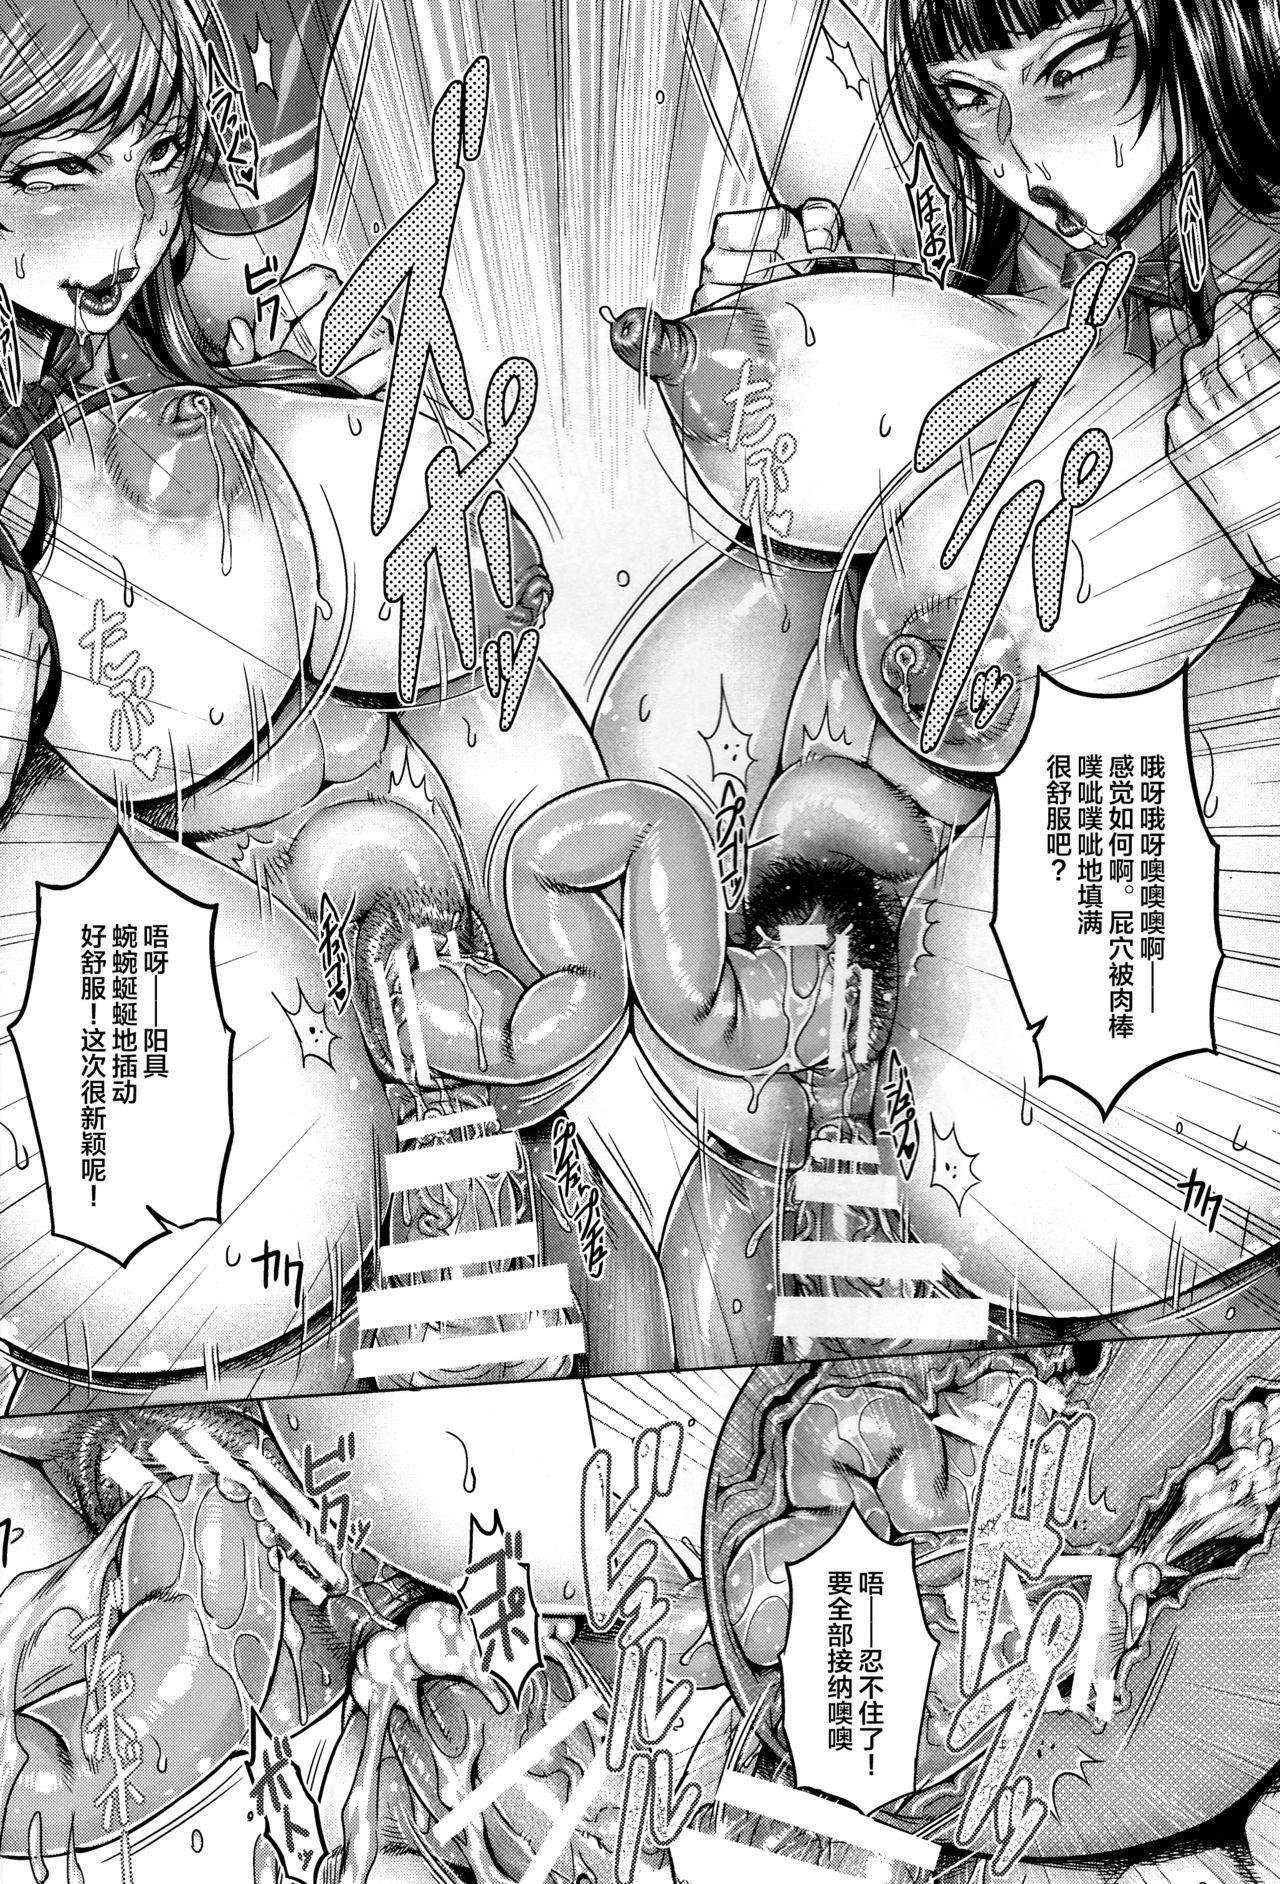 Bimajo no Sennou Settai 18